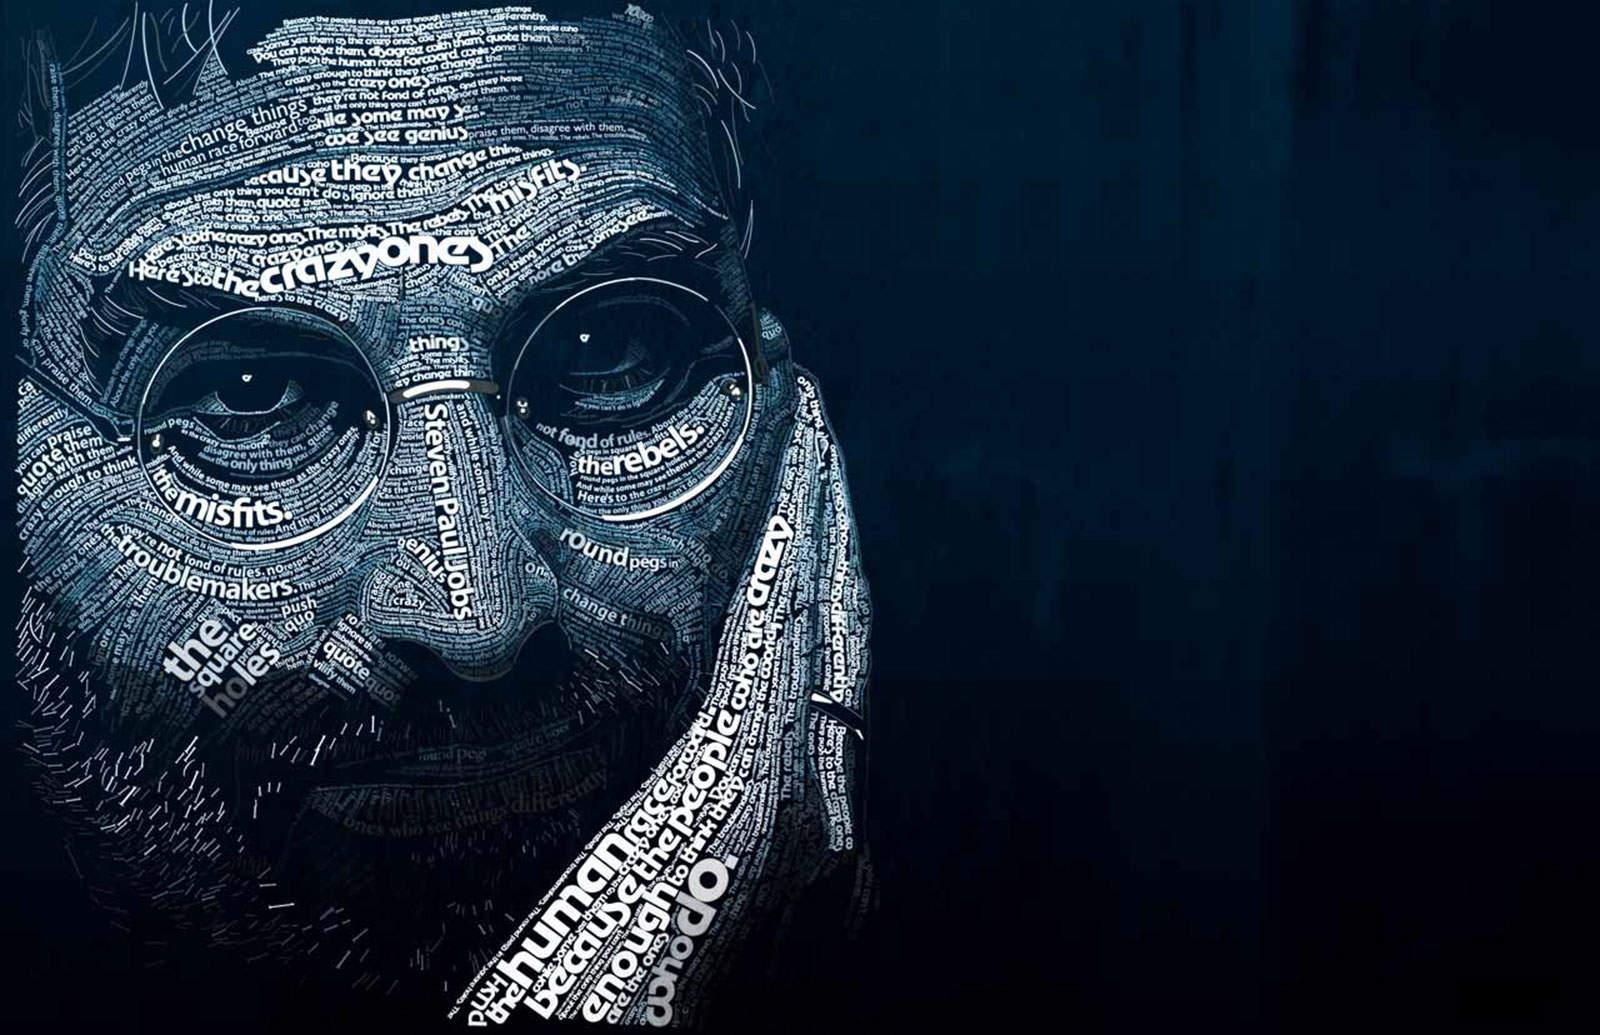 Steve Jobs-inspired art